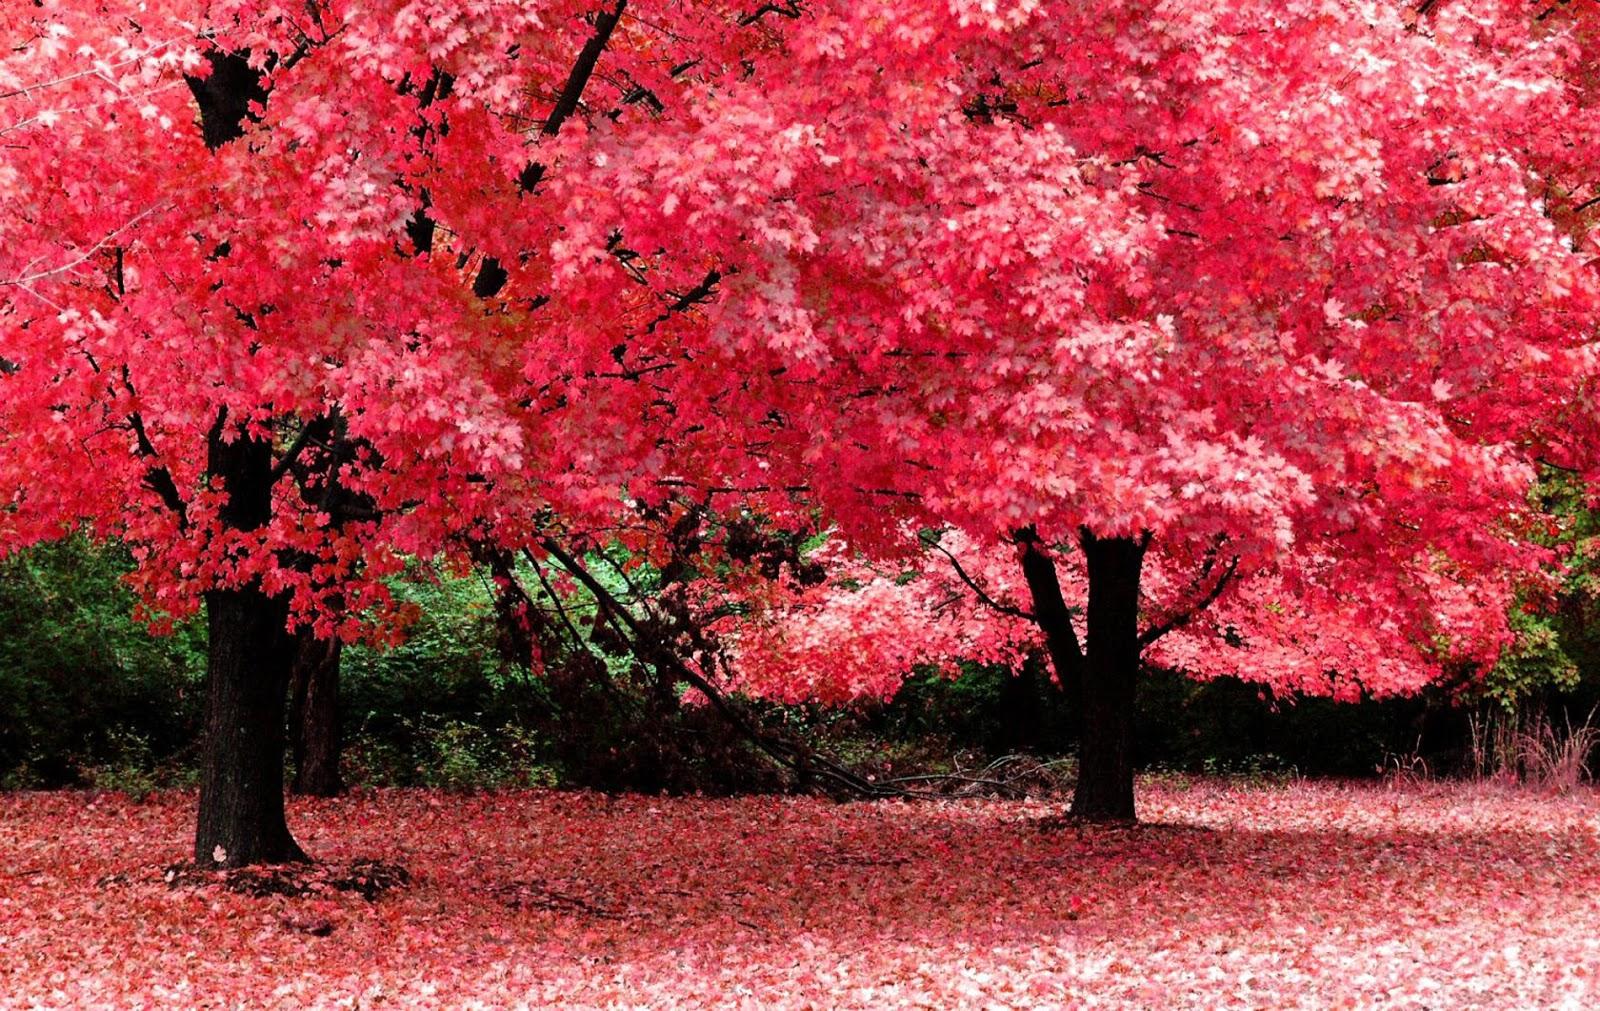 Nature Spring WallpaperComputer Wallpaper Wallpaper Downloads 1600x1011